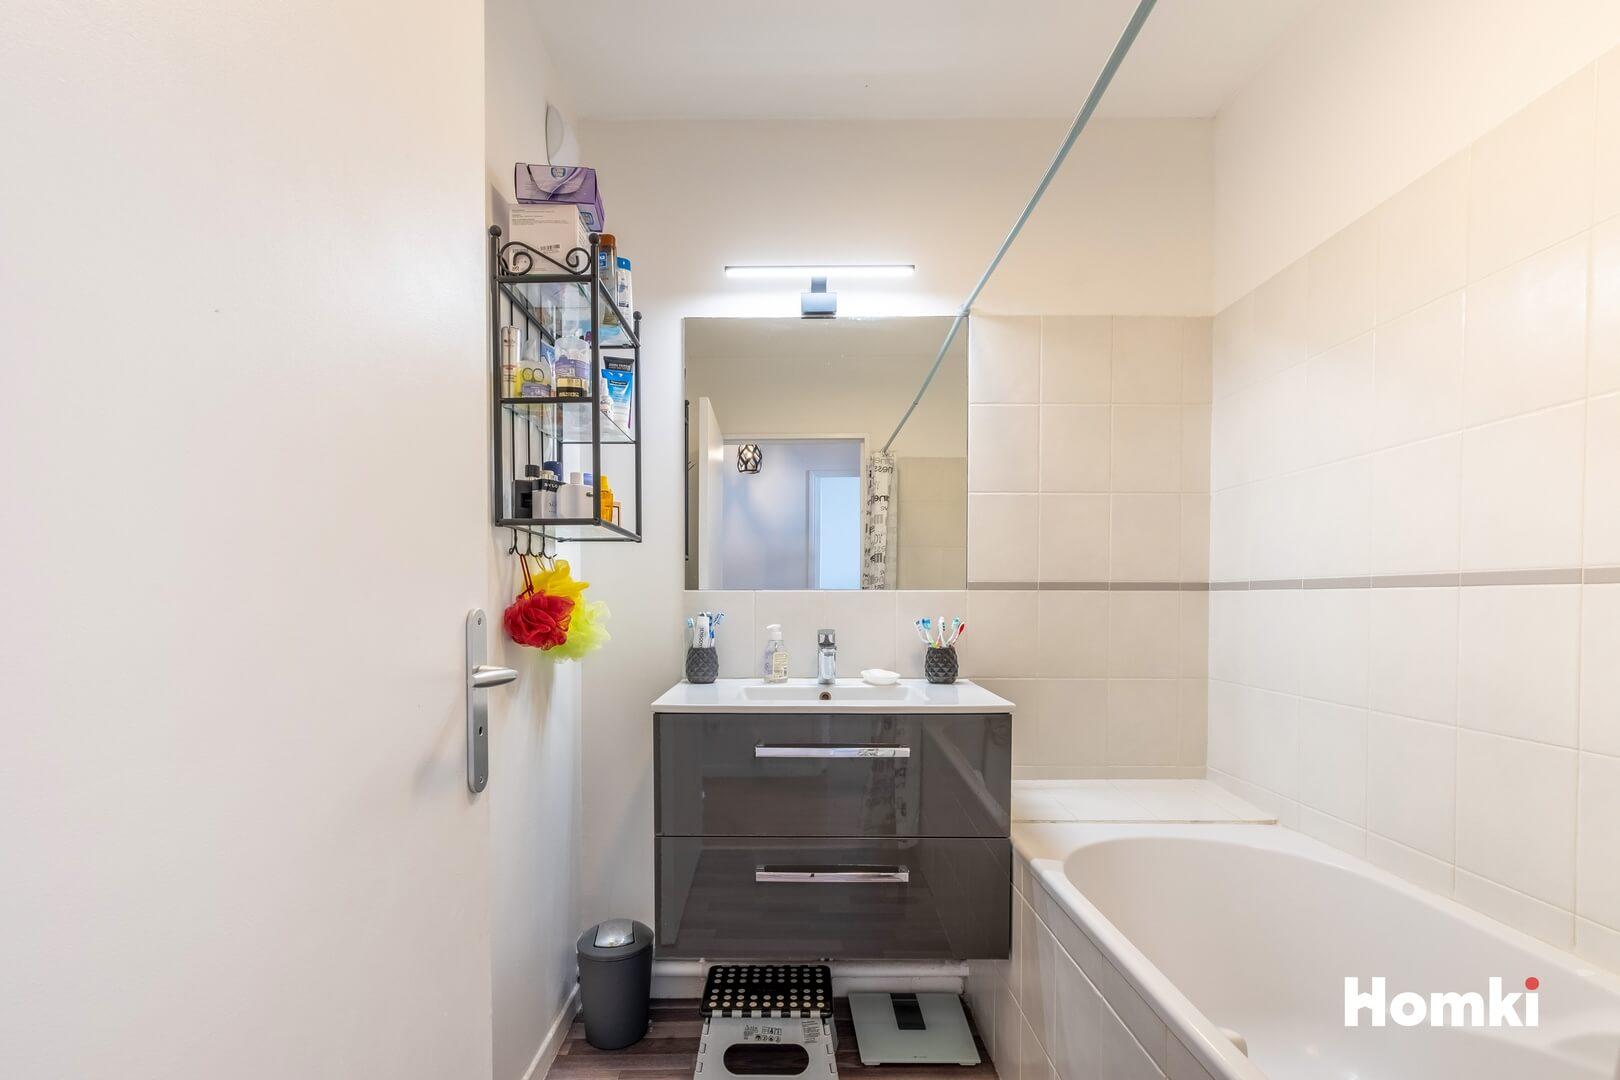 Homki - Vente Appartement  de 66.0 m² à Lyon 69009